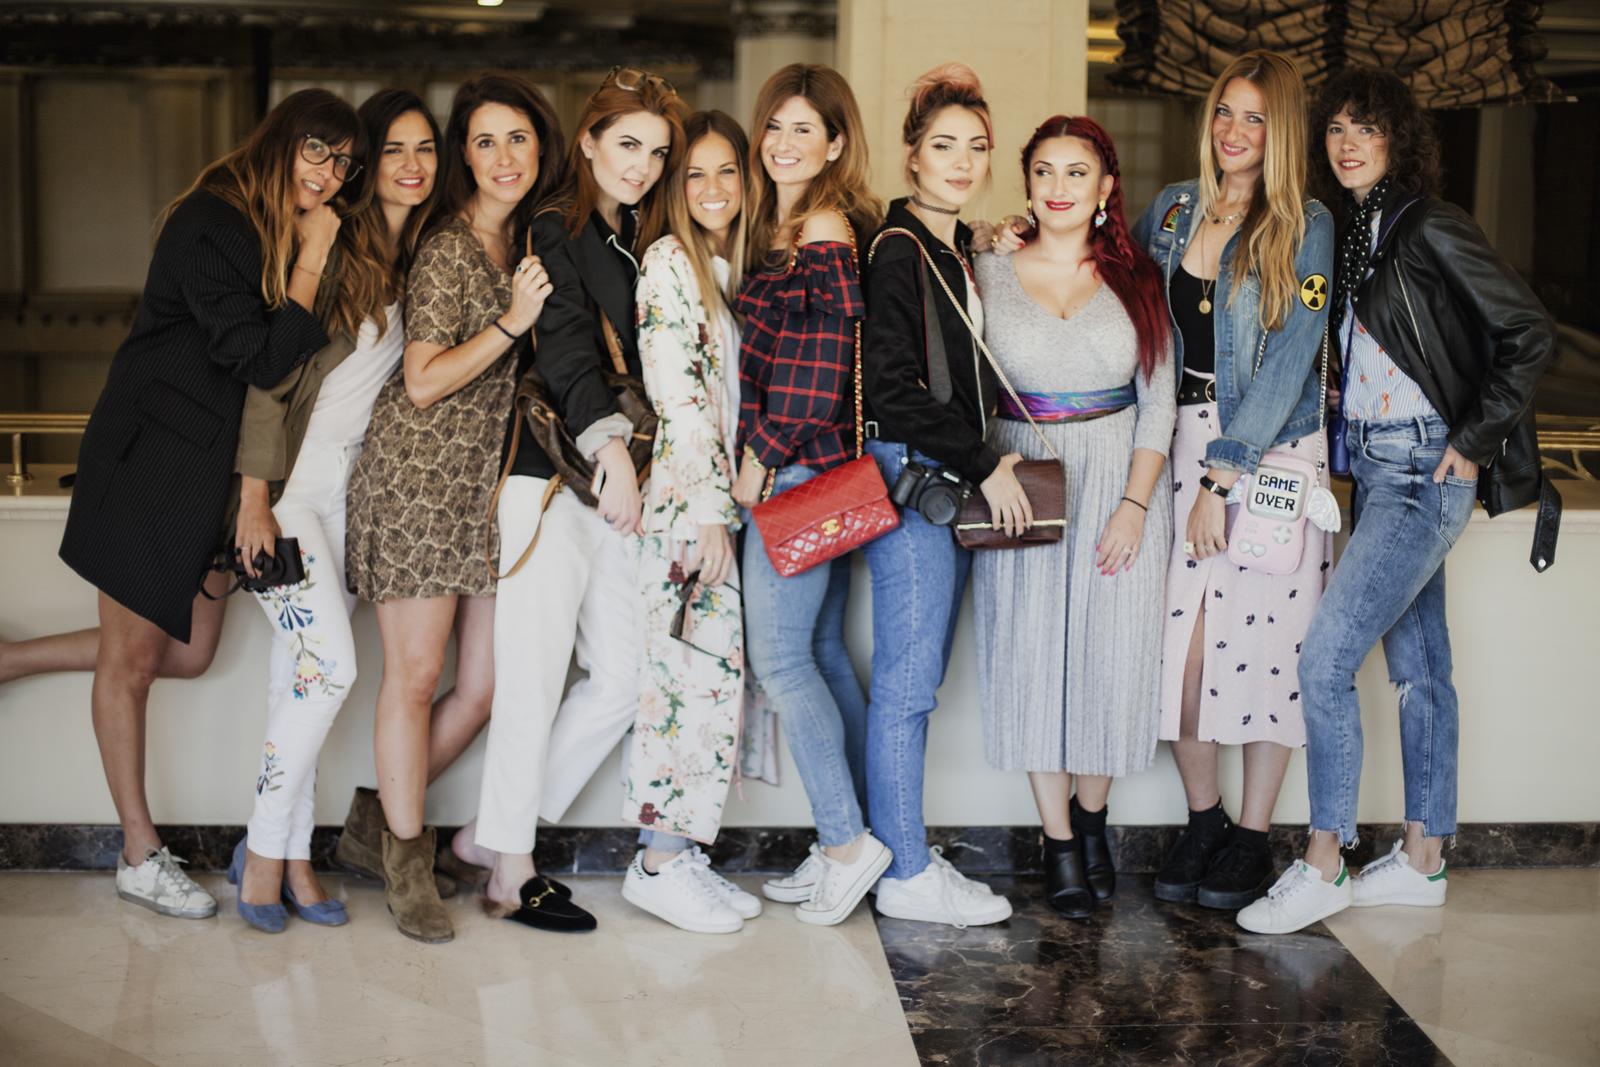 #GirlsLoveCoruña-57732-descalzaporelparque